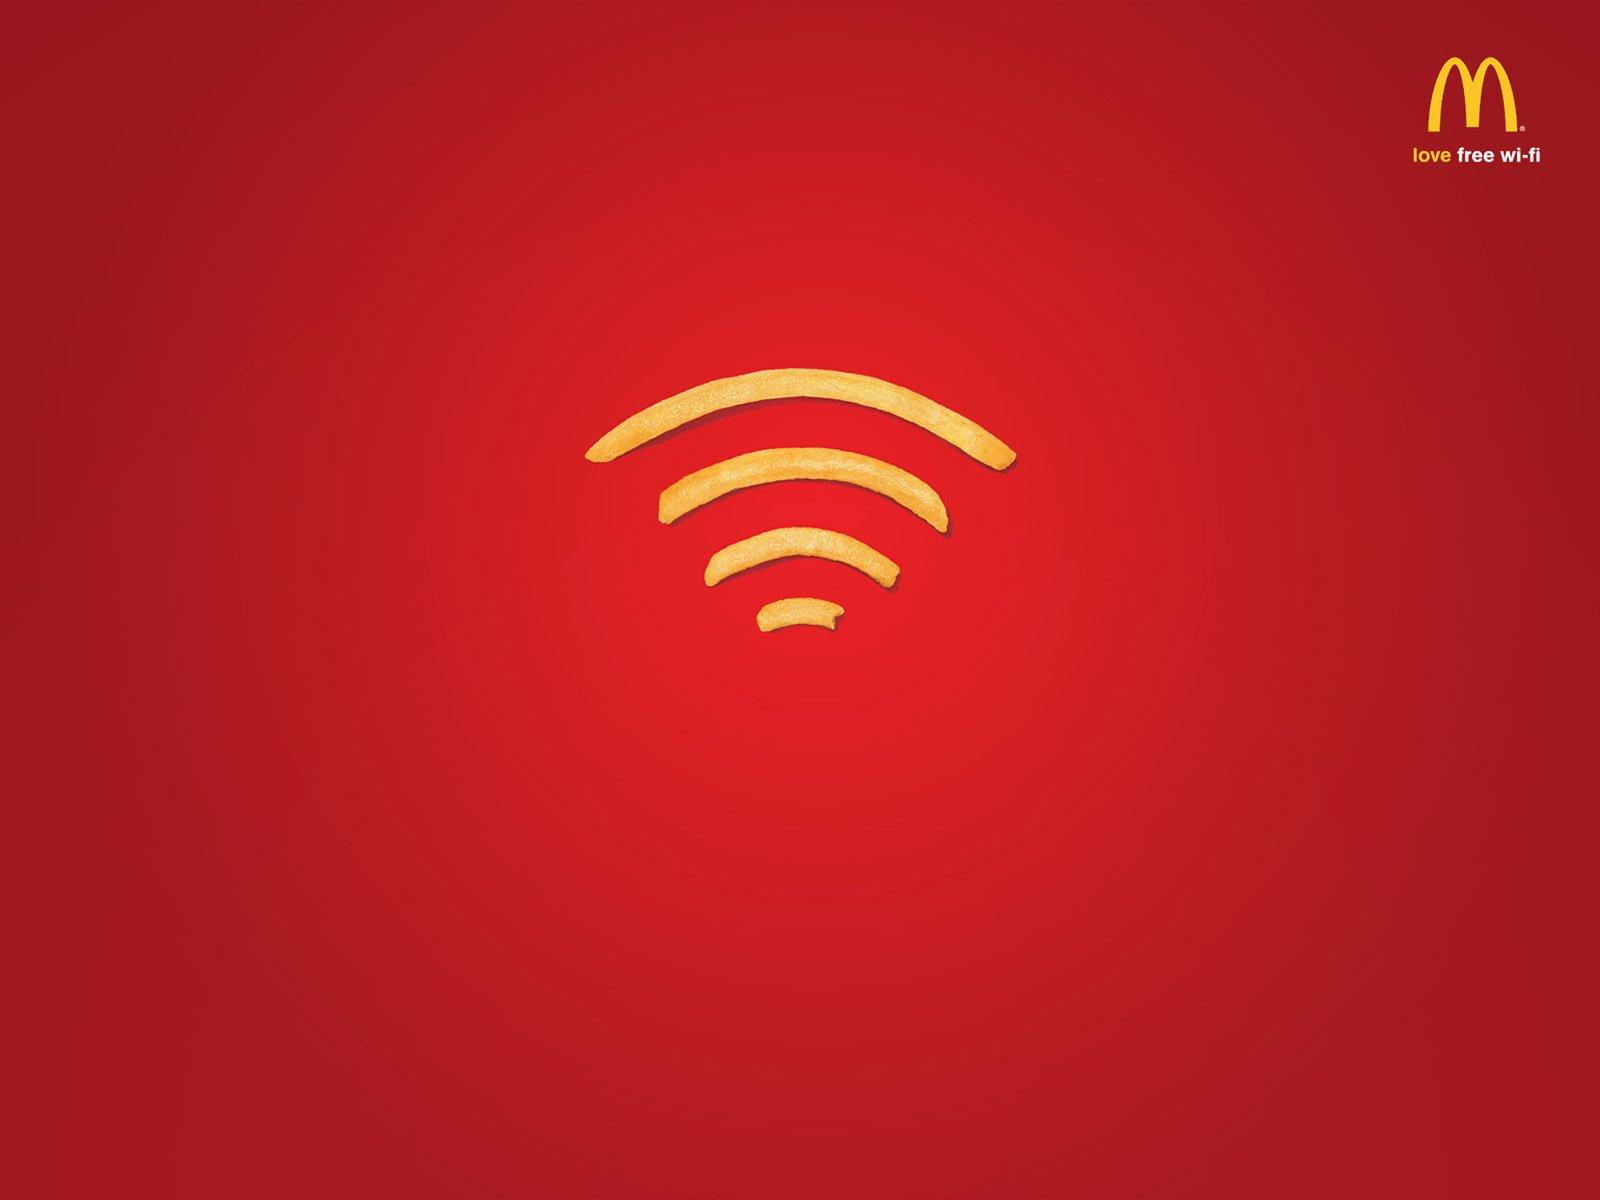 Взлом открытых Wi-Fi сетей гостиниц, самолетов, кофеен путем спуфинга MAC-адреса